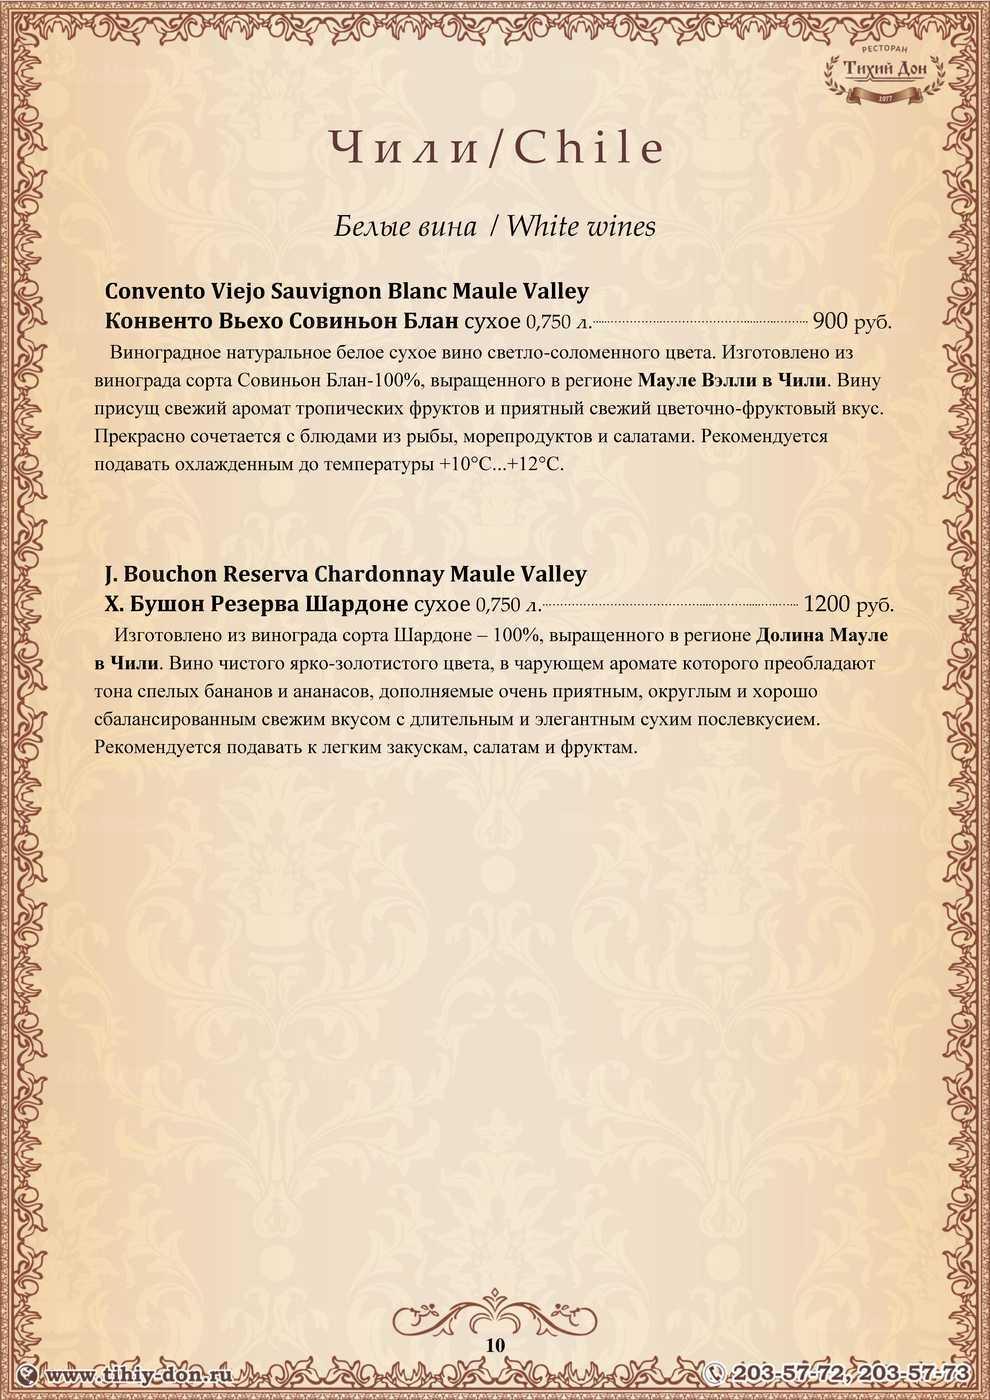 Меню ресторана Тихий Дон в Береговой фото 55